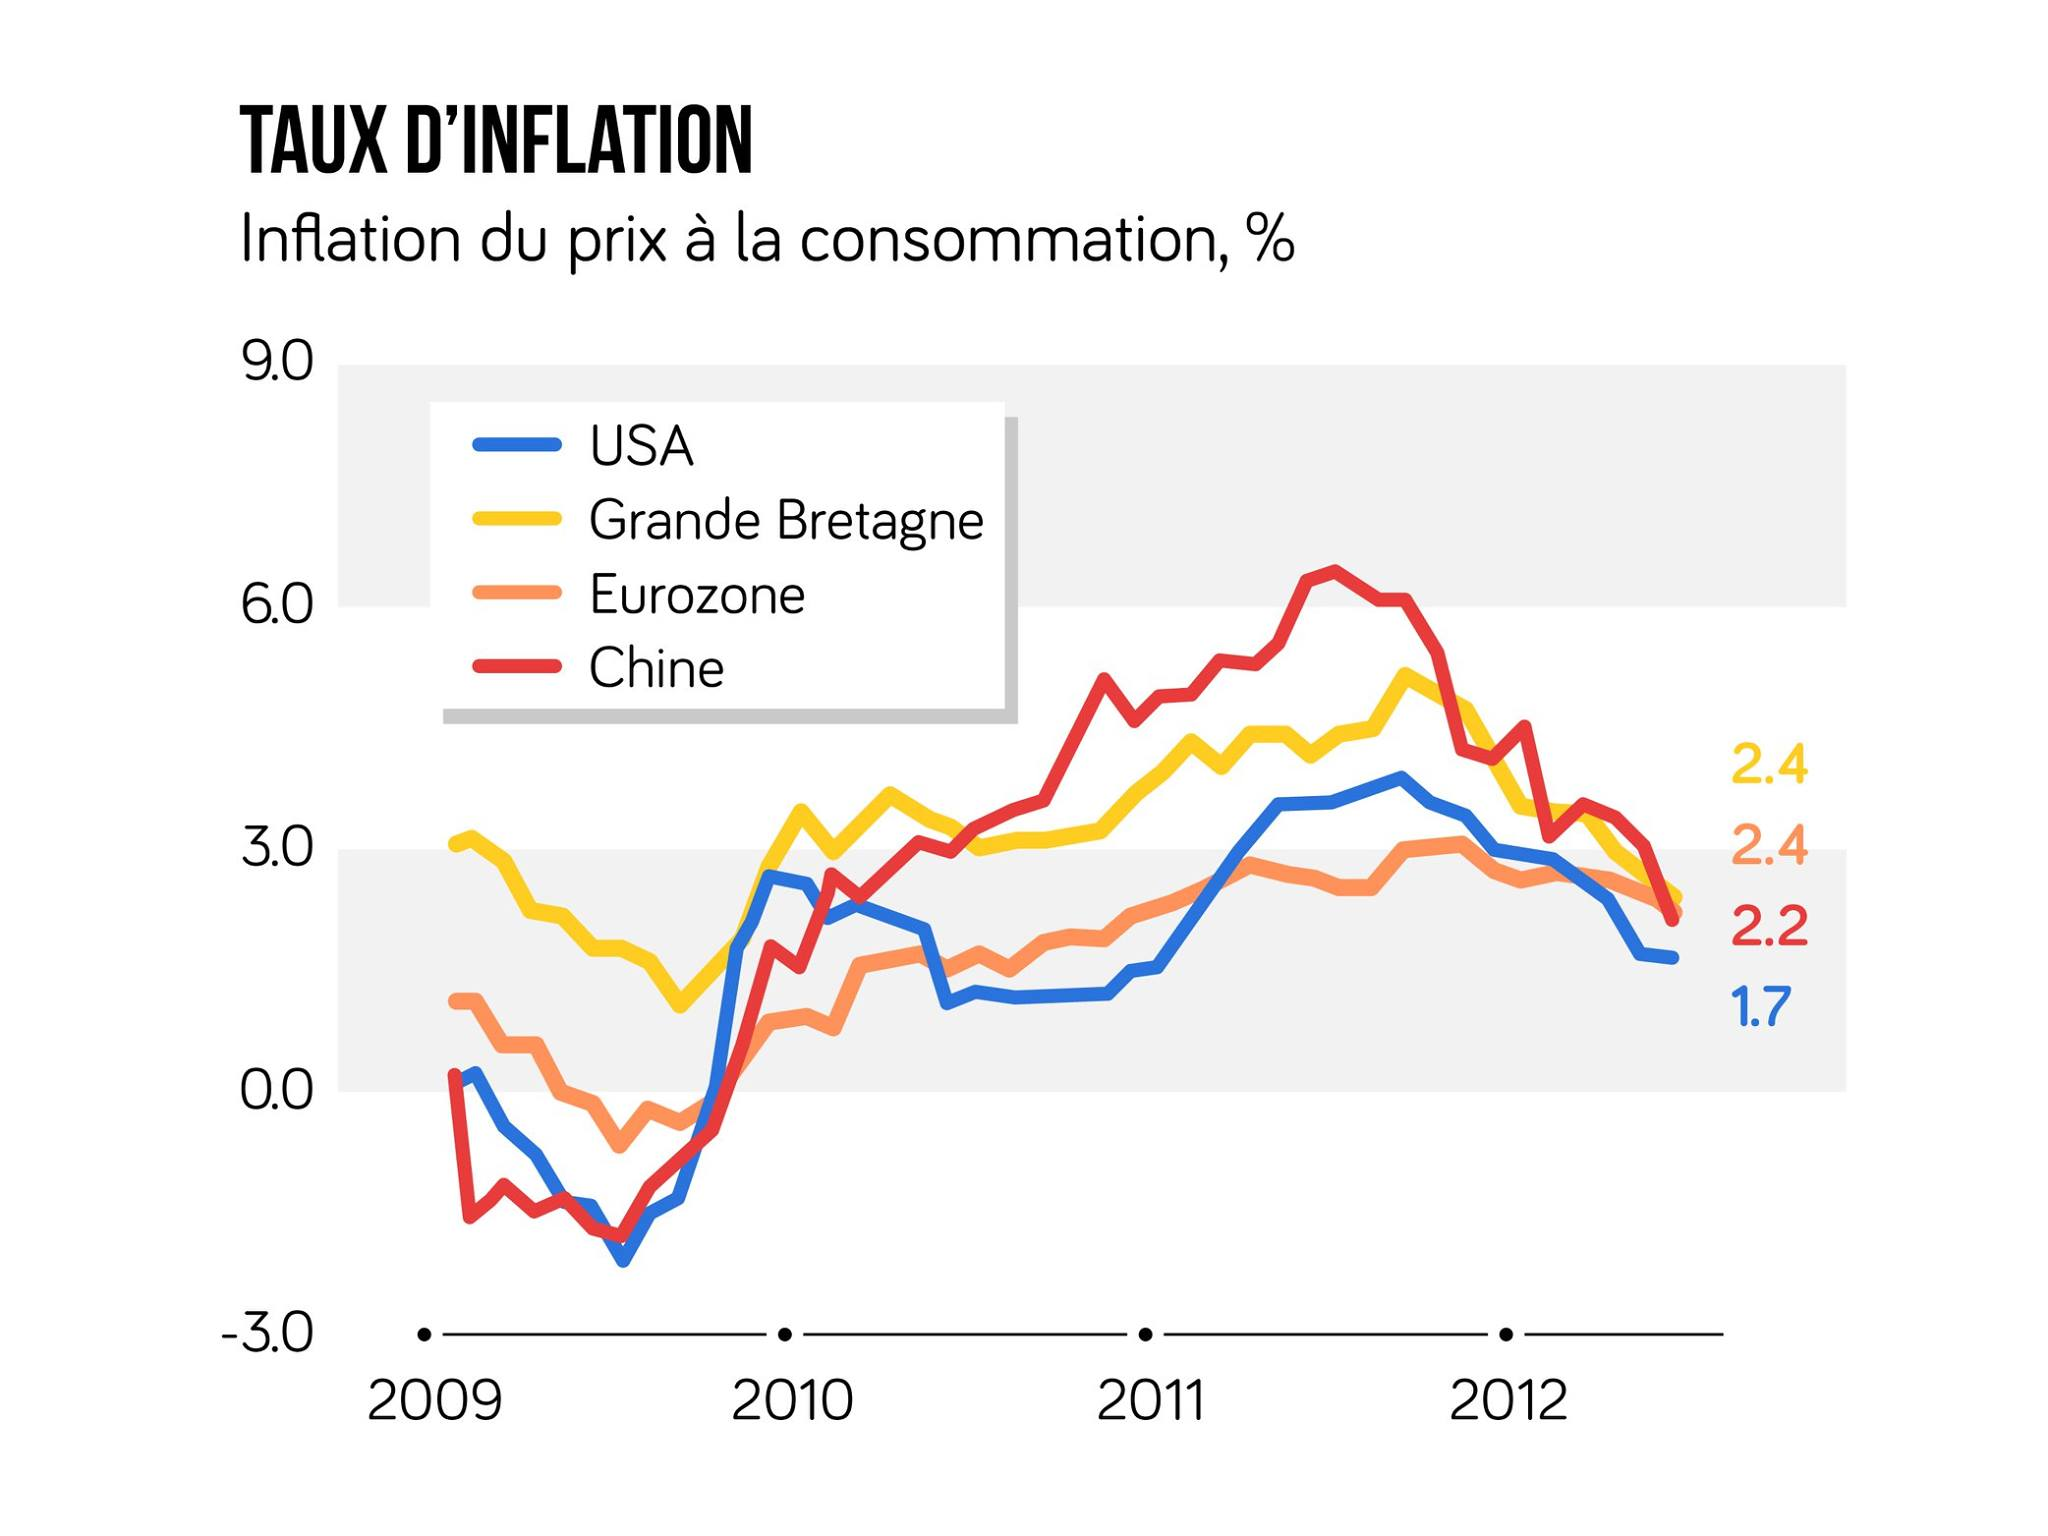 Graphique des taux d'inflations entre 2009 et 2012 des principales régions du monde